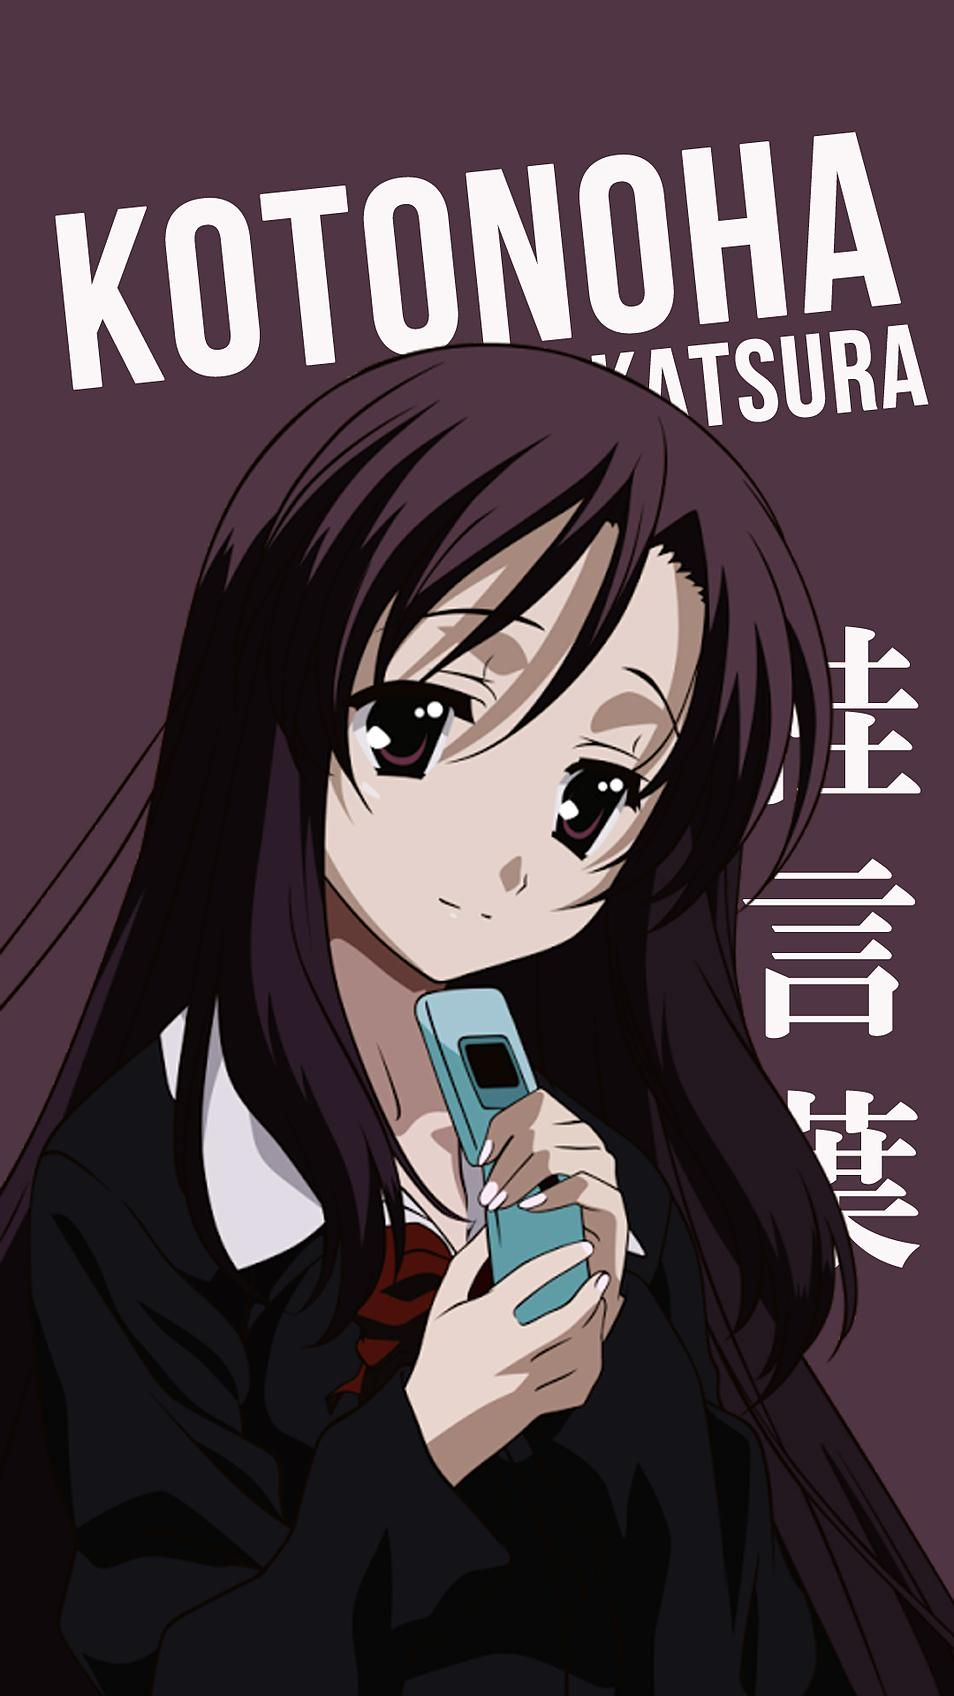 Kotonoha Katsura Korigengi Wallpaper Anime Katsura kotonoha 954x1696